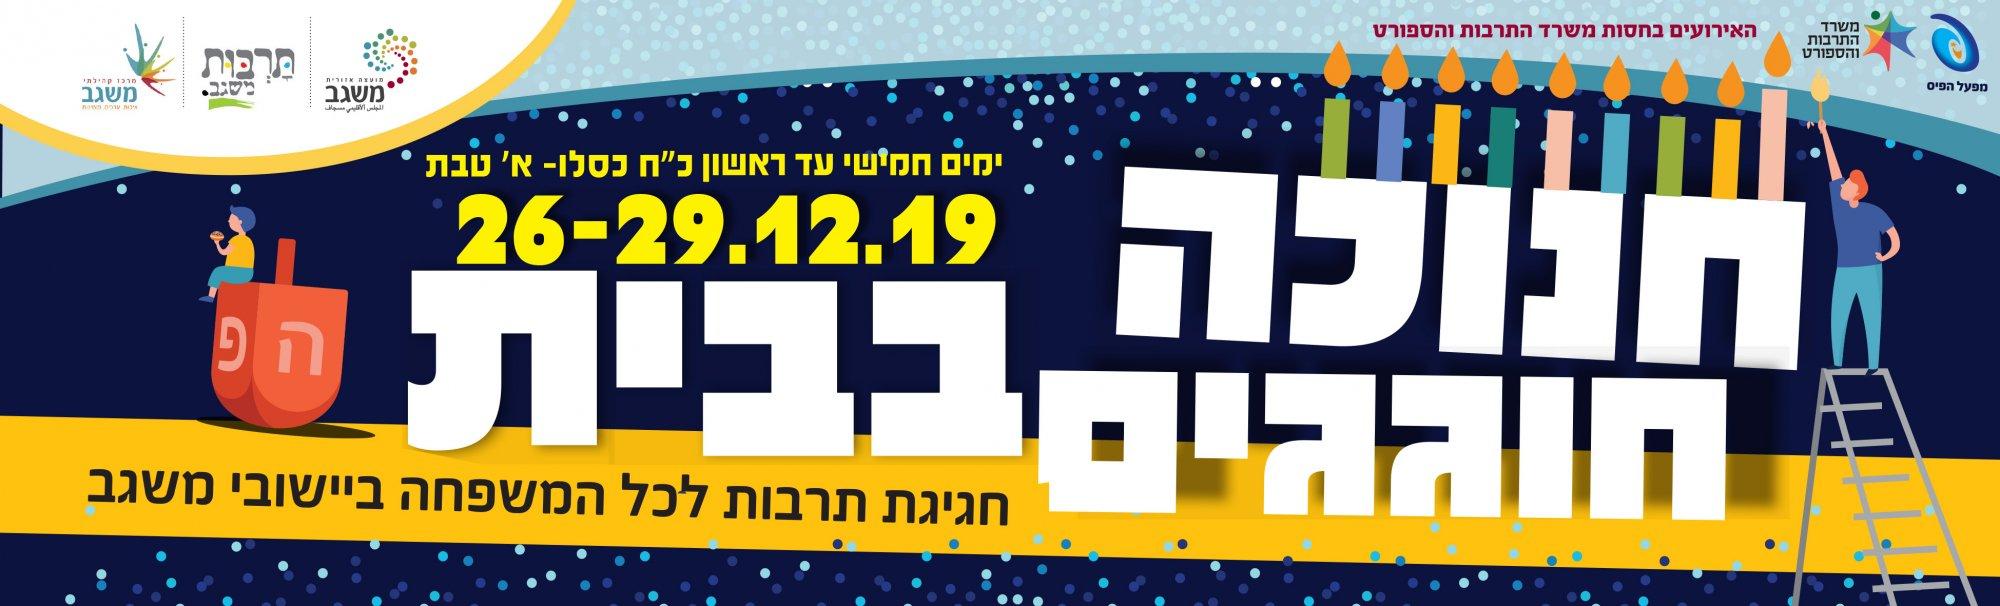 strip hanukkah2019